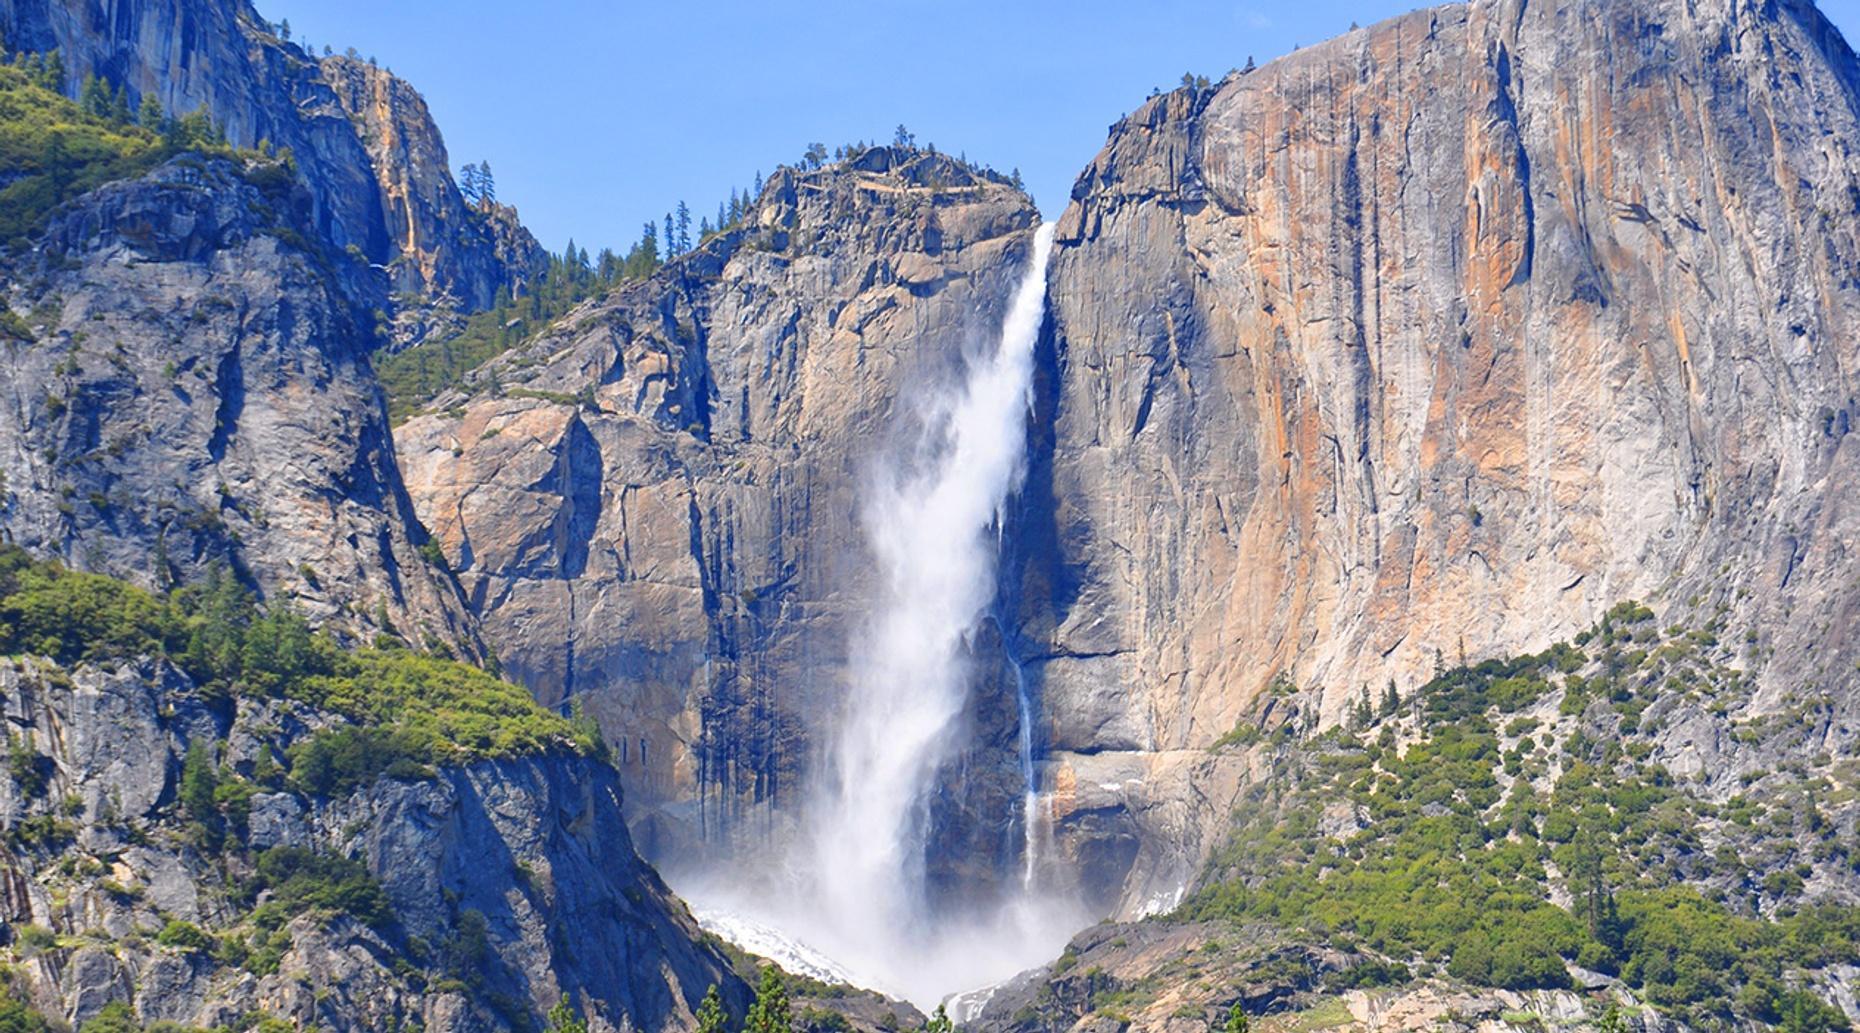 Private Driving Yosemite Tour